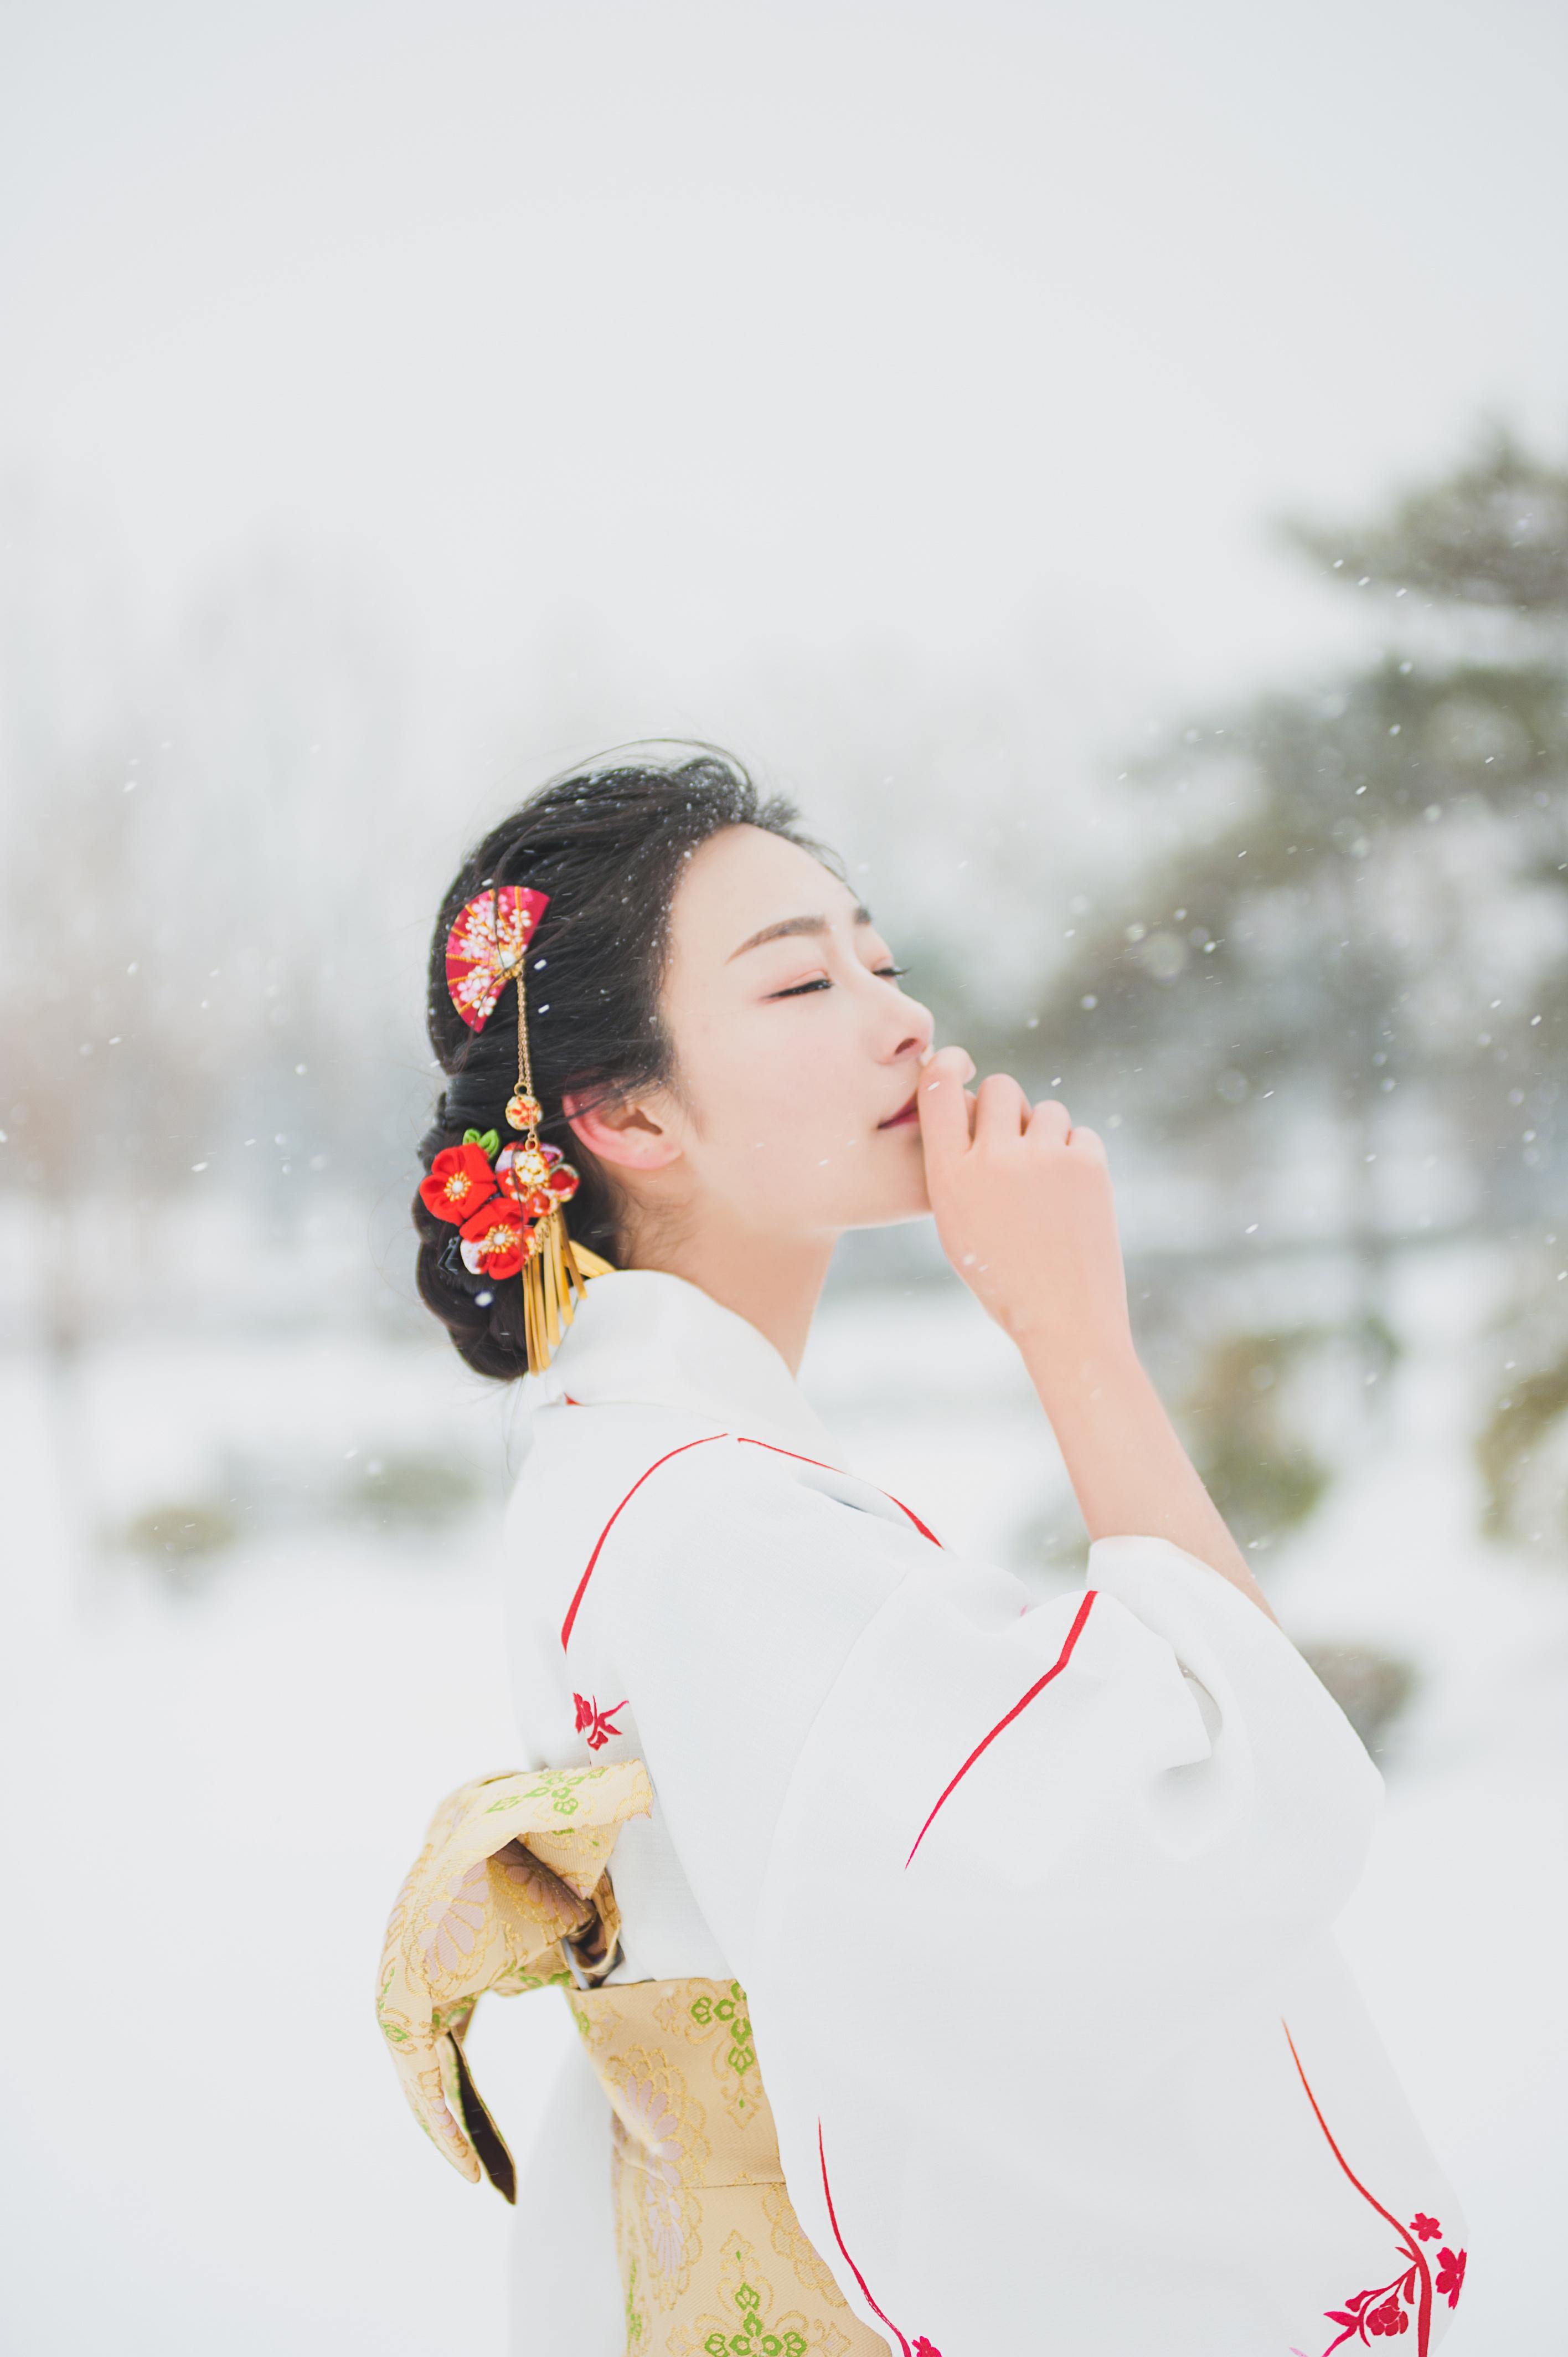 雪女 舞倾城曲谱